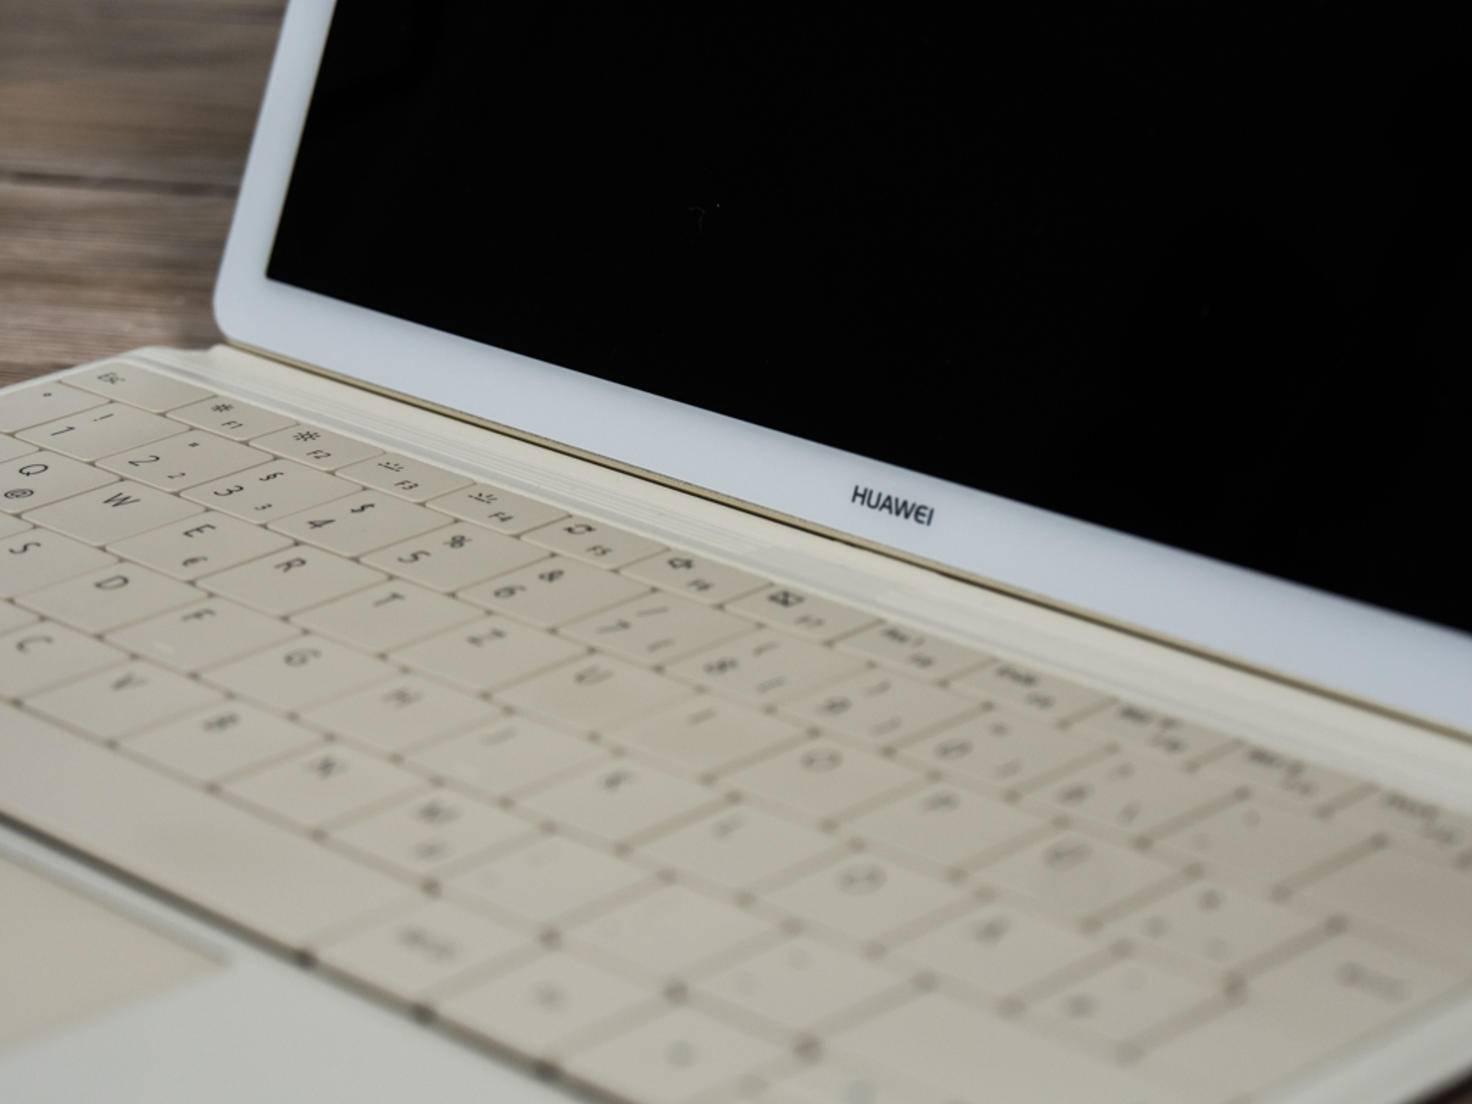 Ärgerlich: Die Tastatur ist weich und nicht sehr präzise.